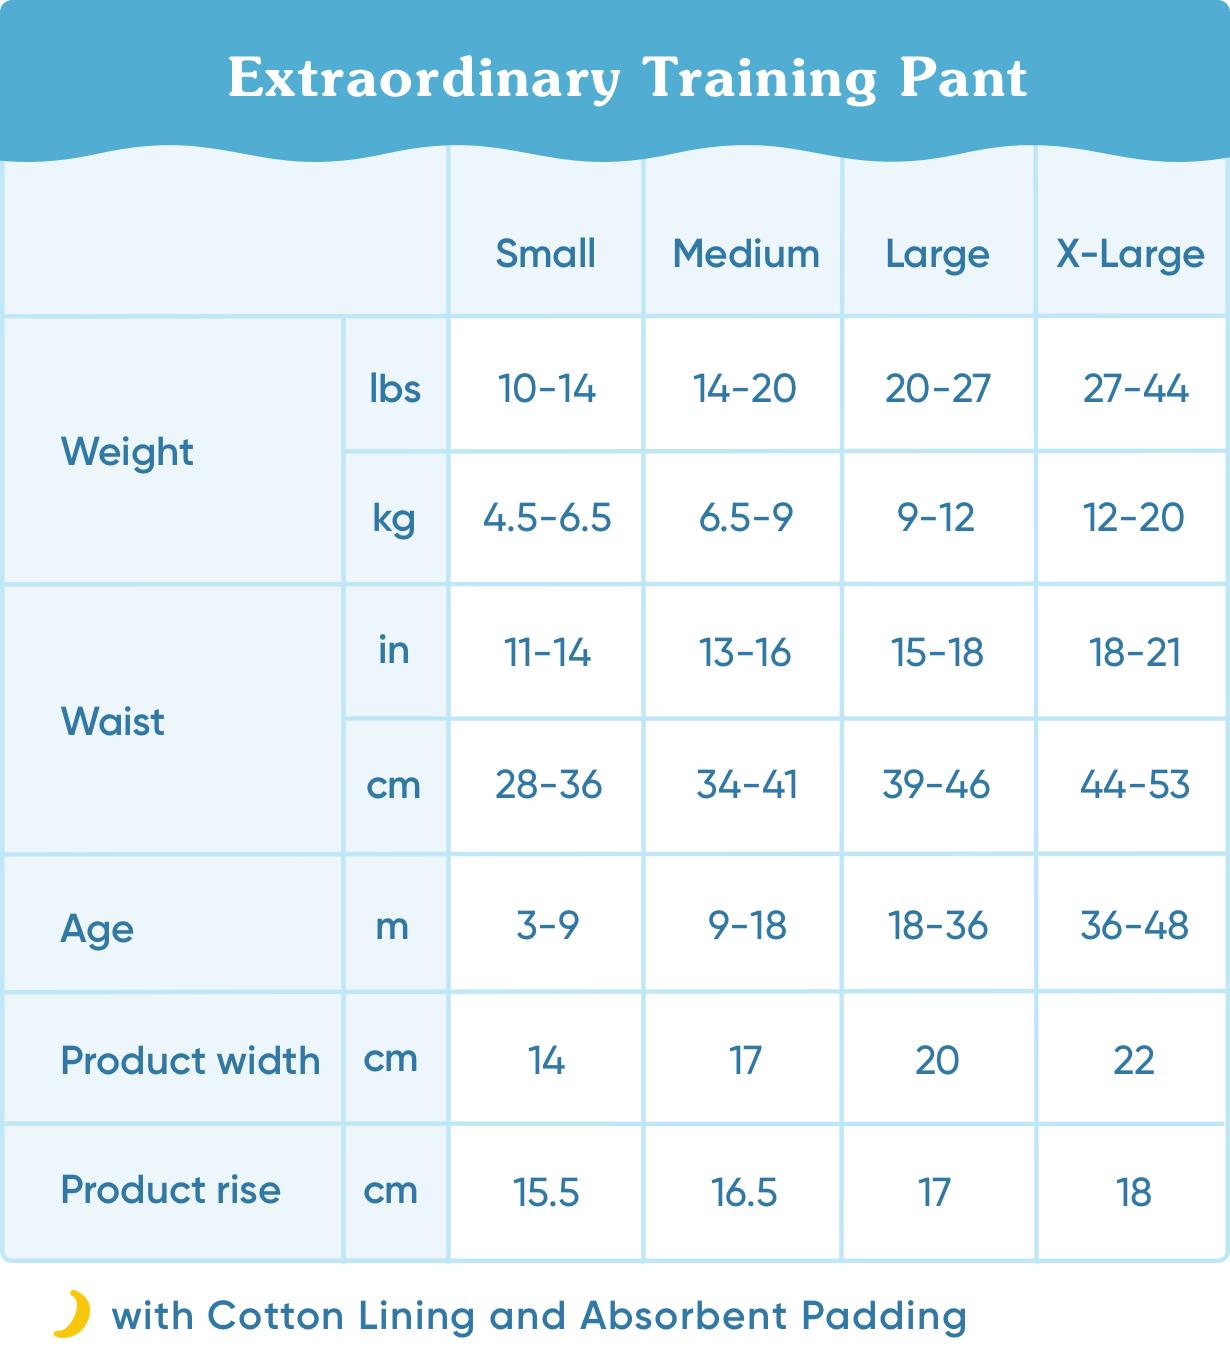 extraodinary-training-pant